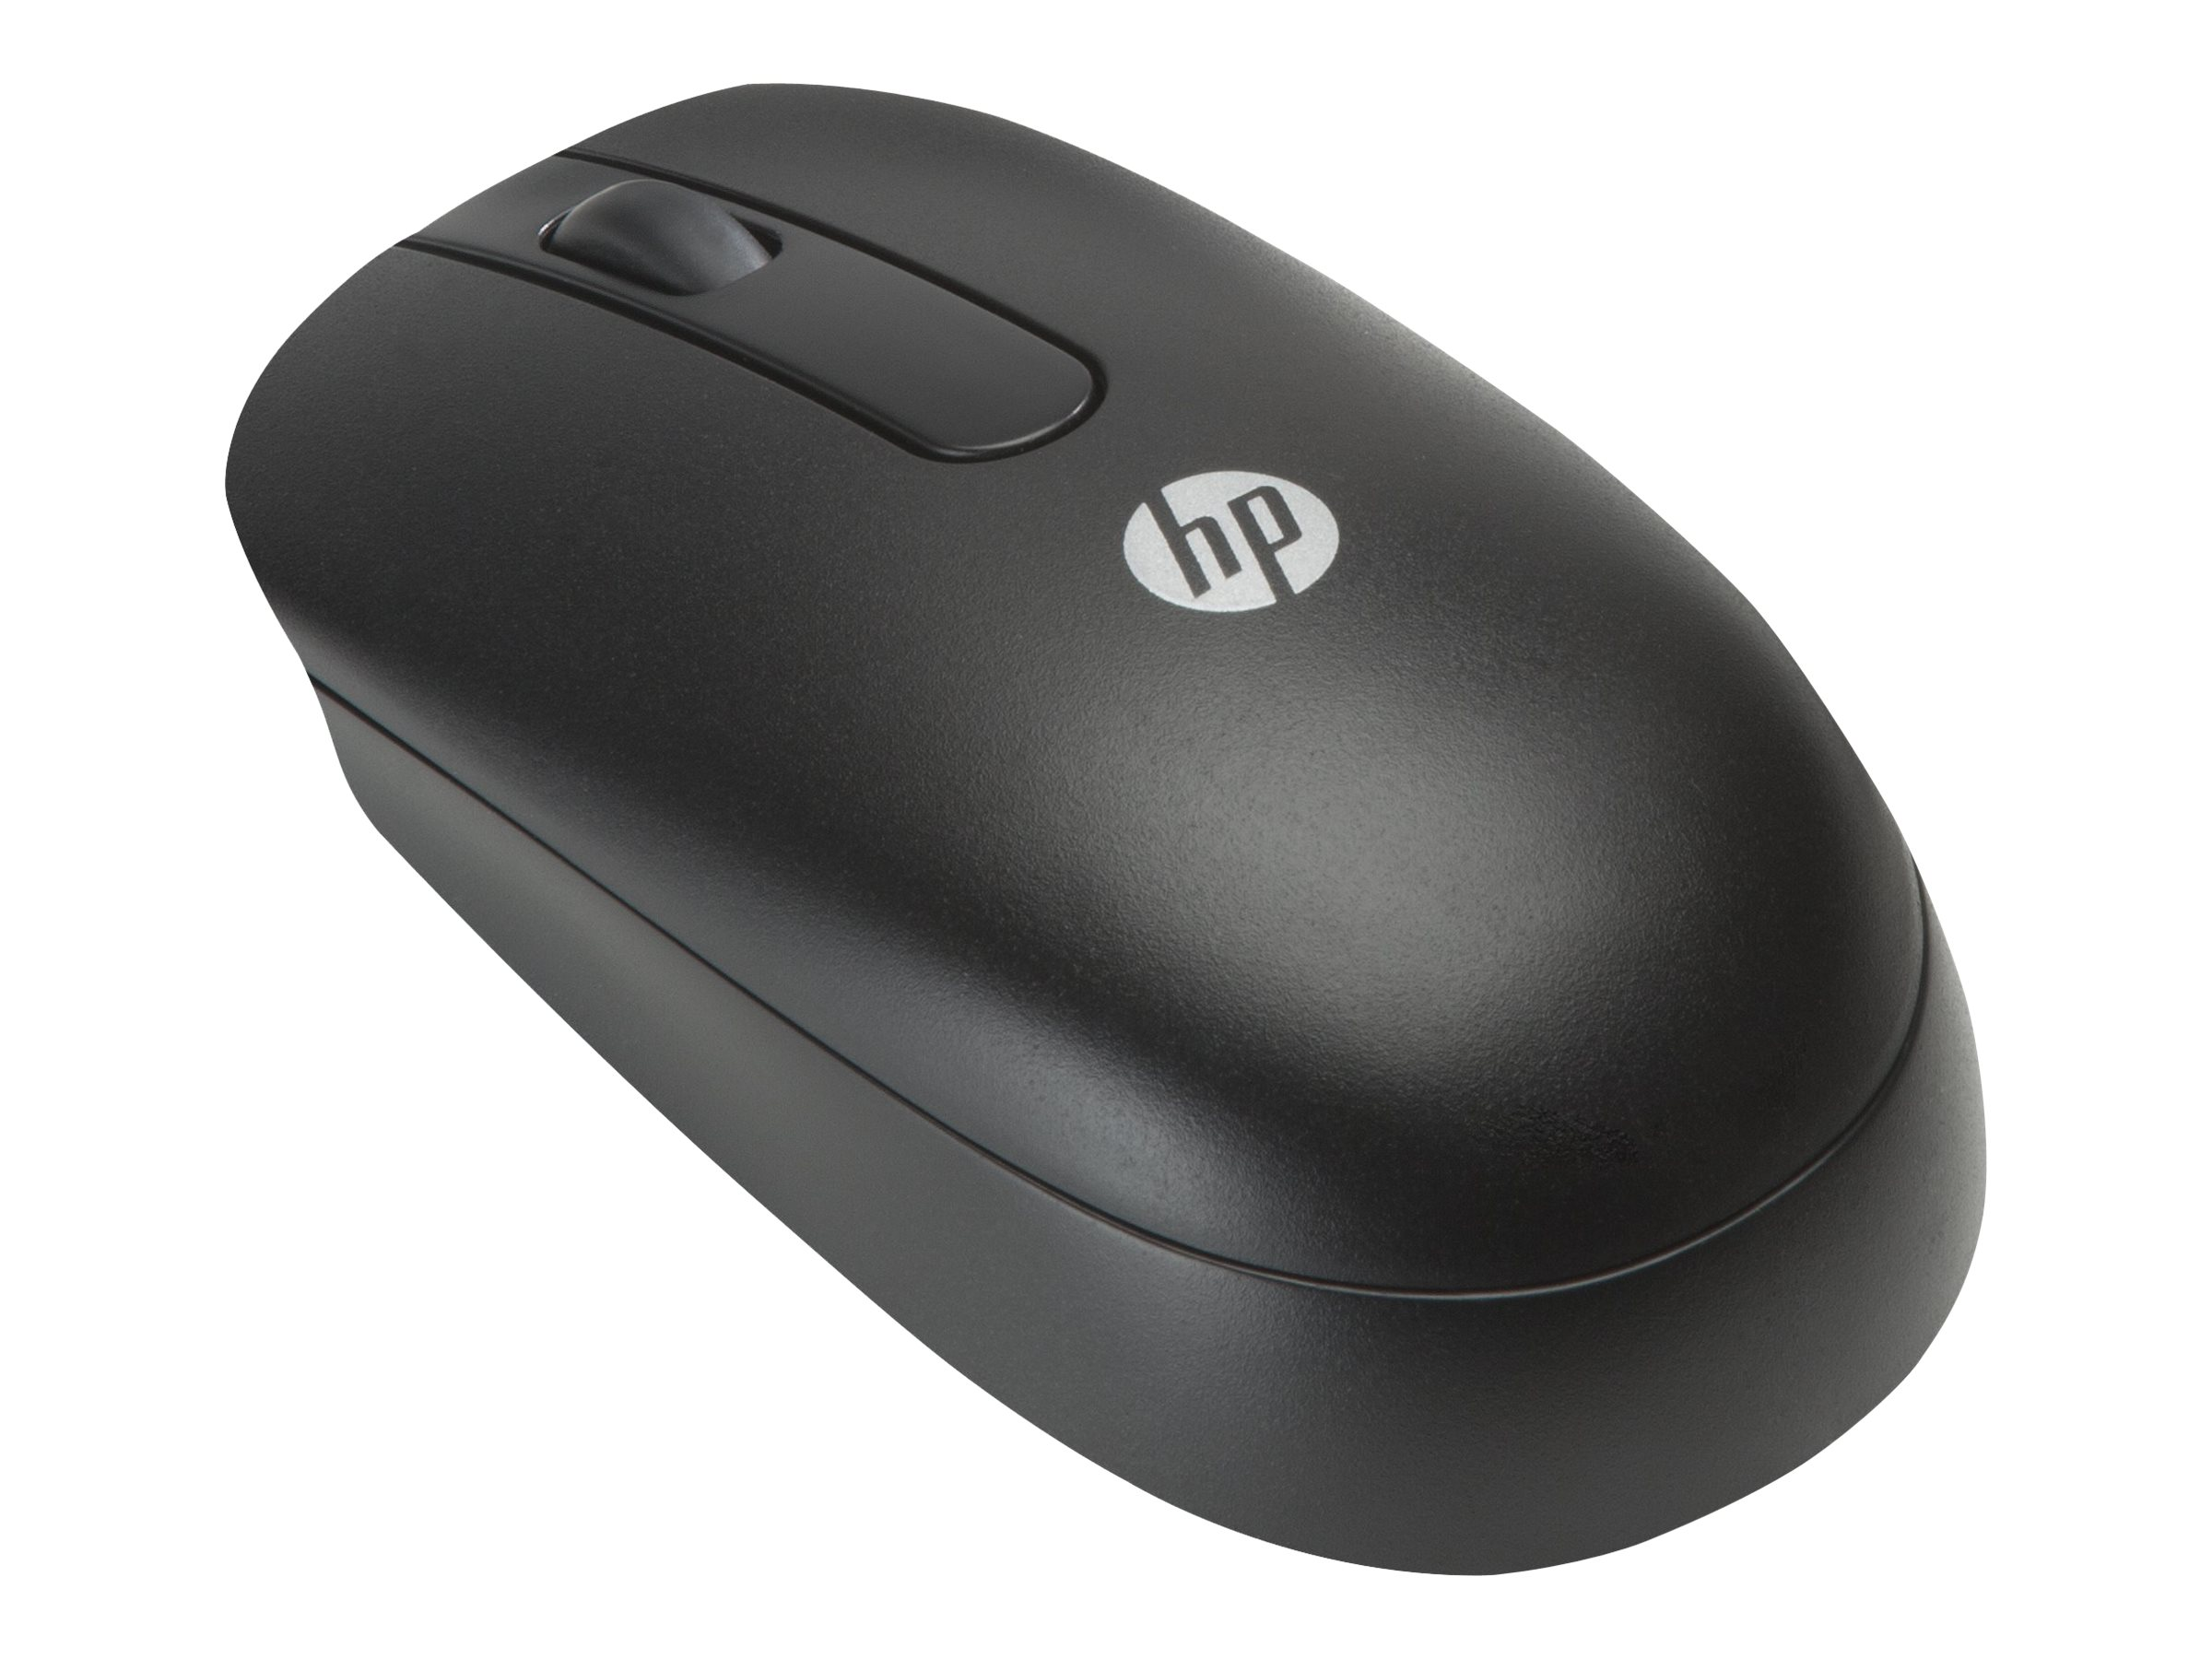 HP - Maus - optisch - 3 Tasten - kabelgebunden - USB